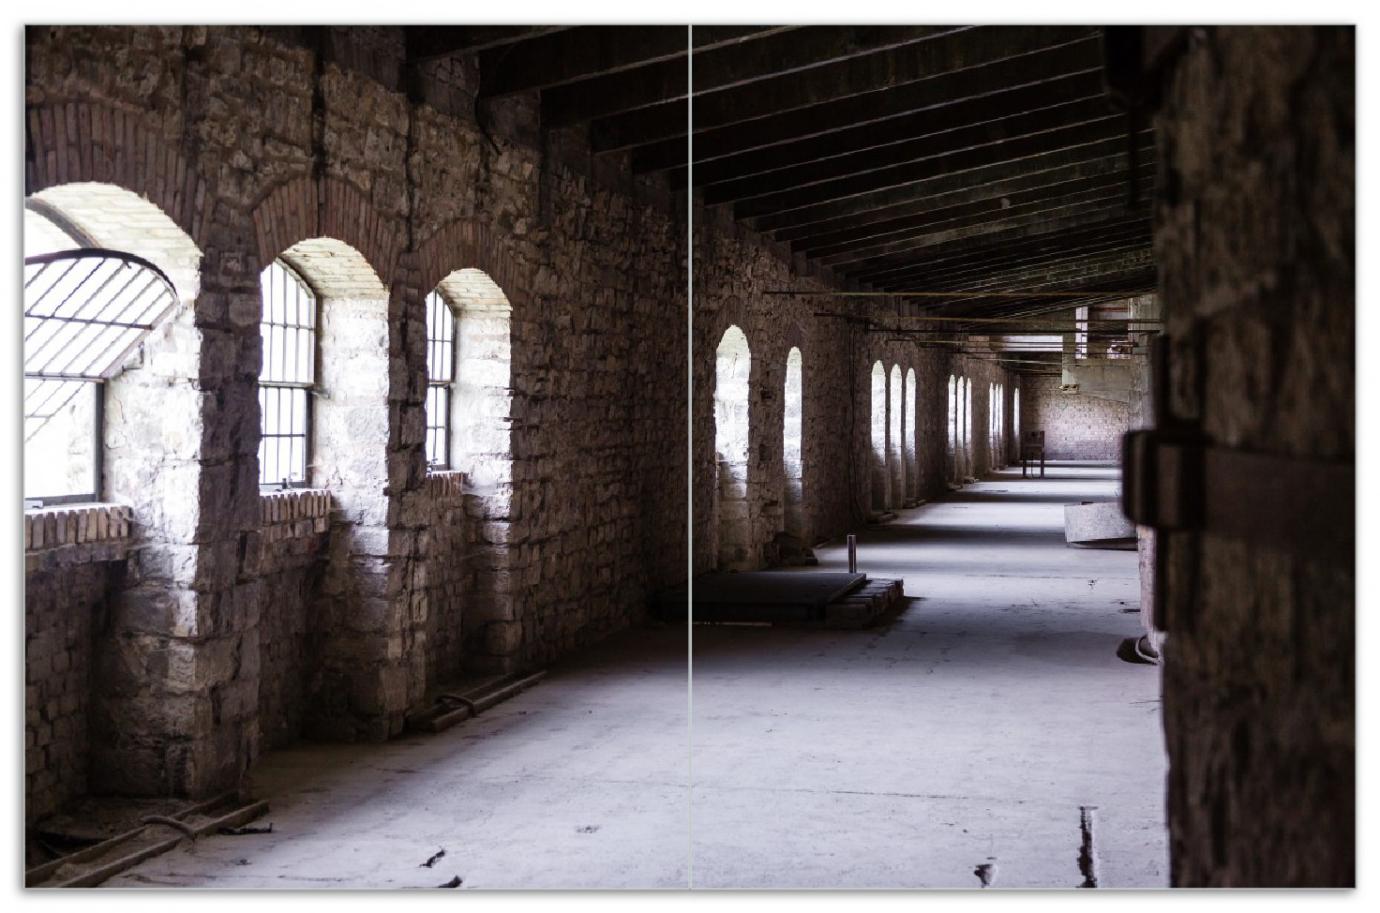 Herdabdeckplatte Altes Bauwerk - stillgelegte Fabrik  – Bild 1